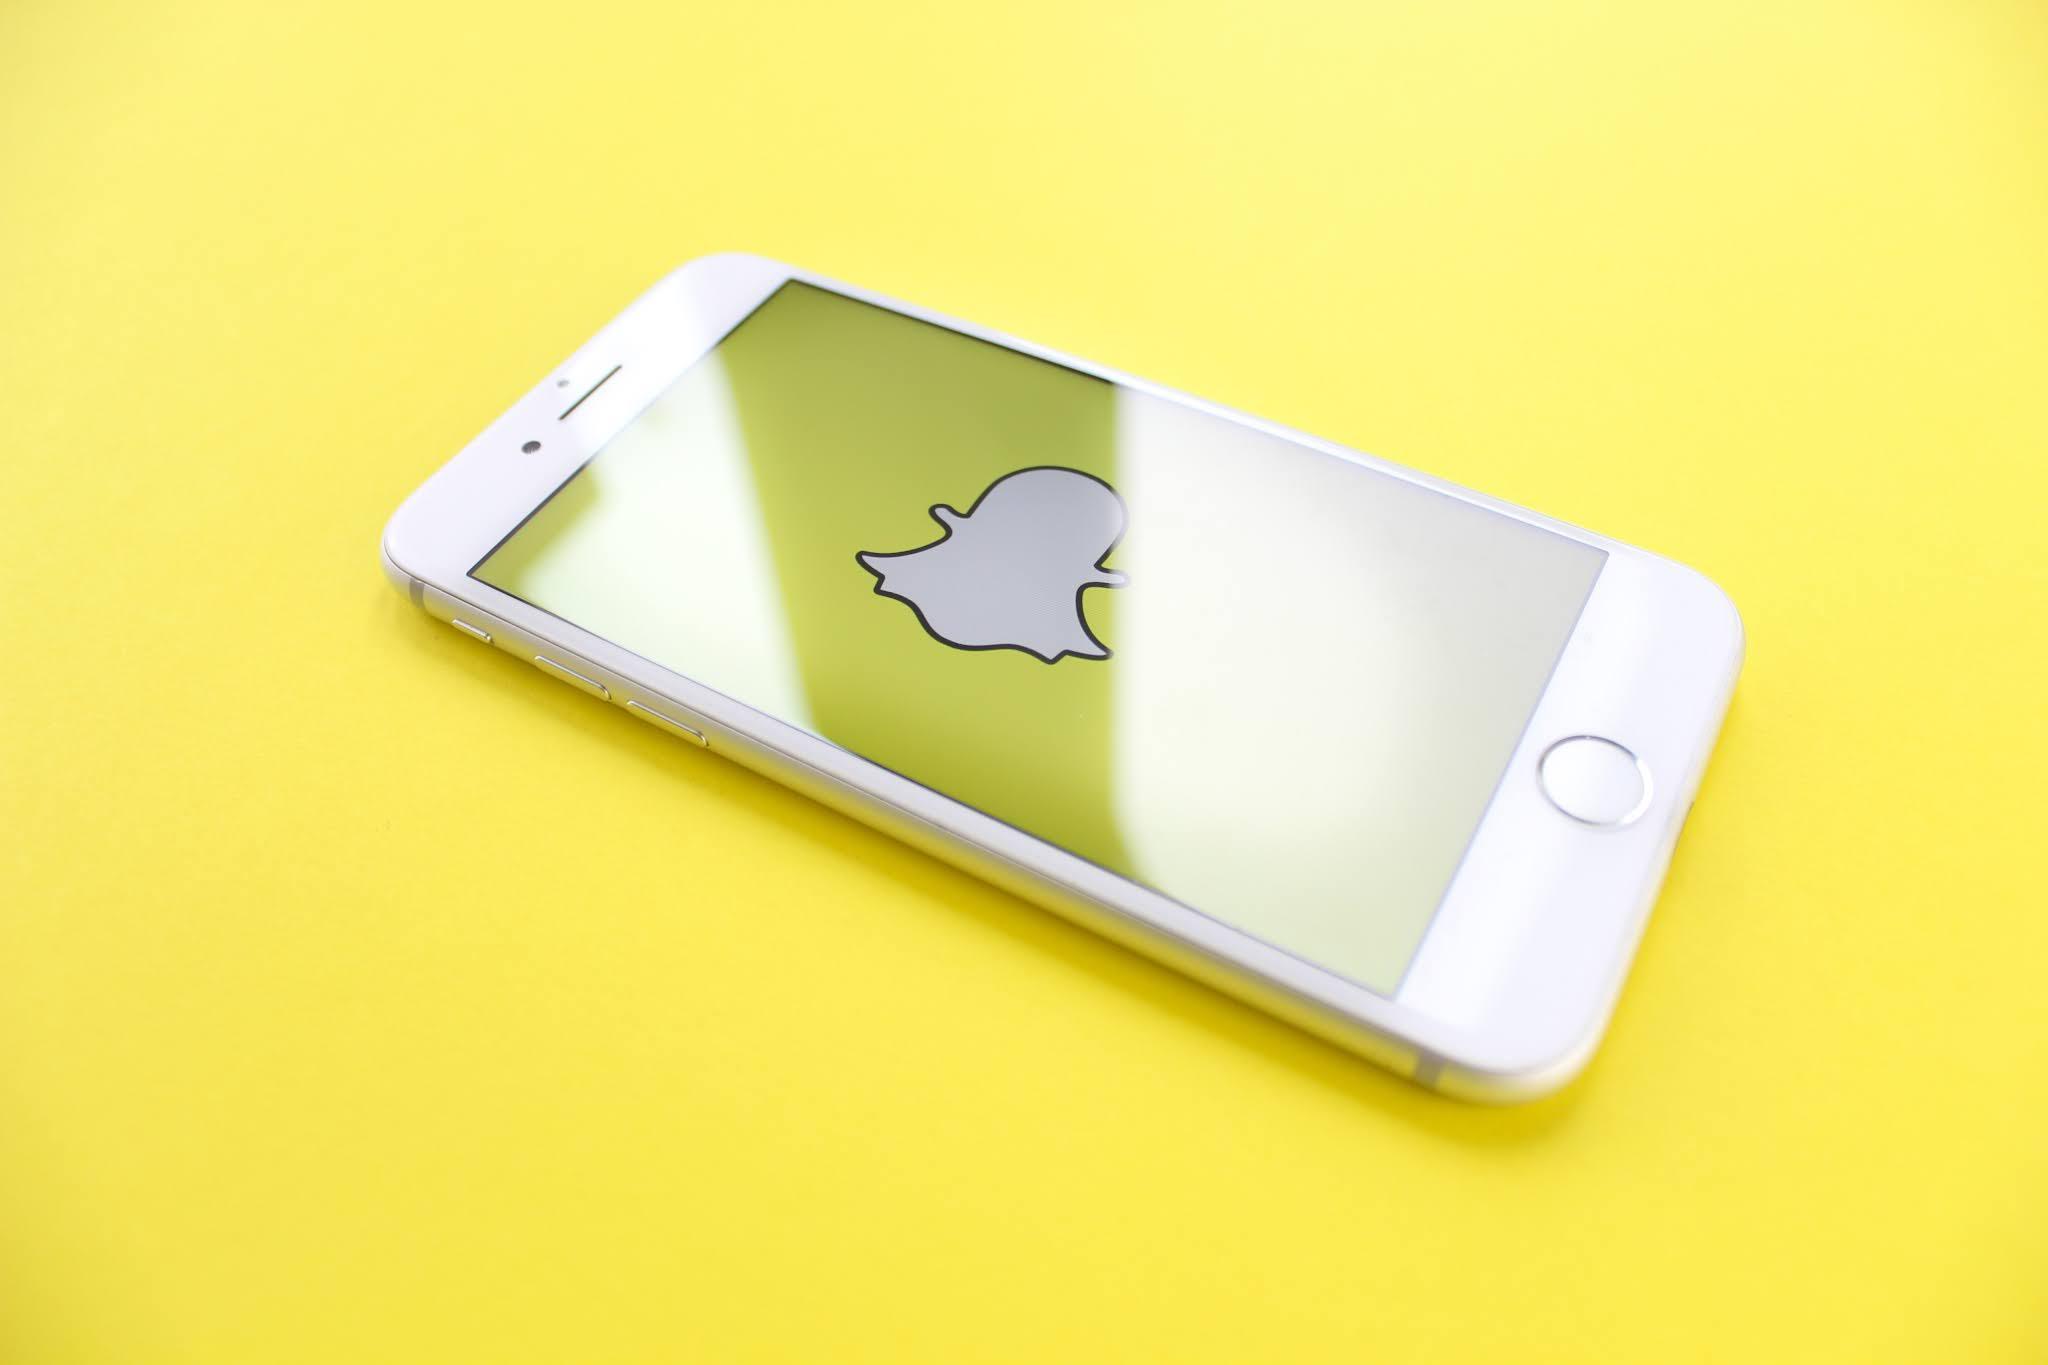 Snapchat يعلن عن يعلن عن ميزة Spotlight لكي ينافس تطبيق التيك توك